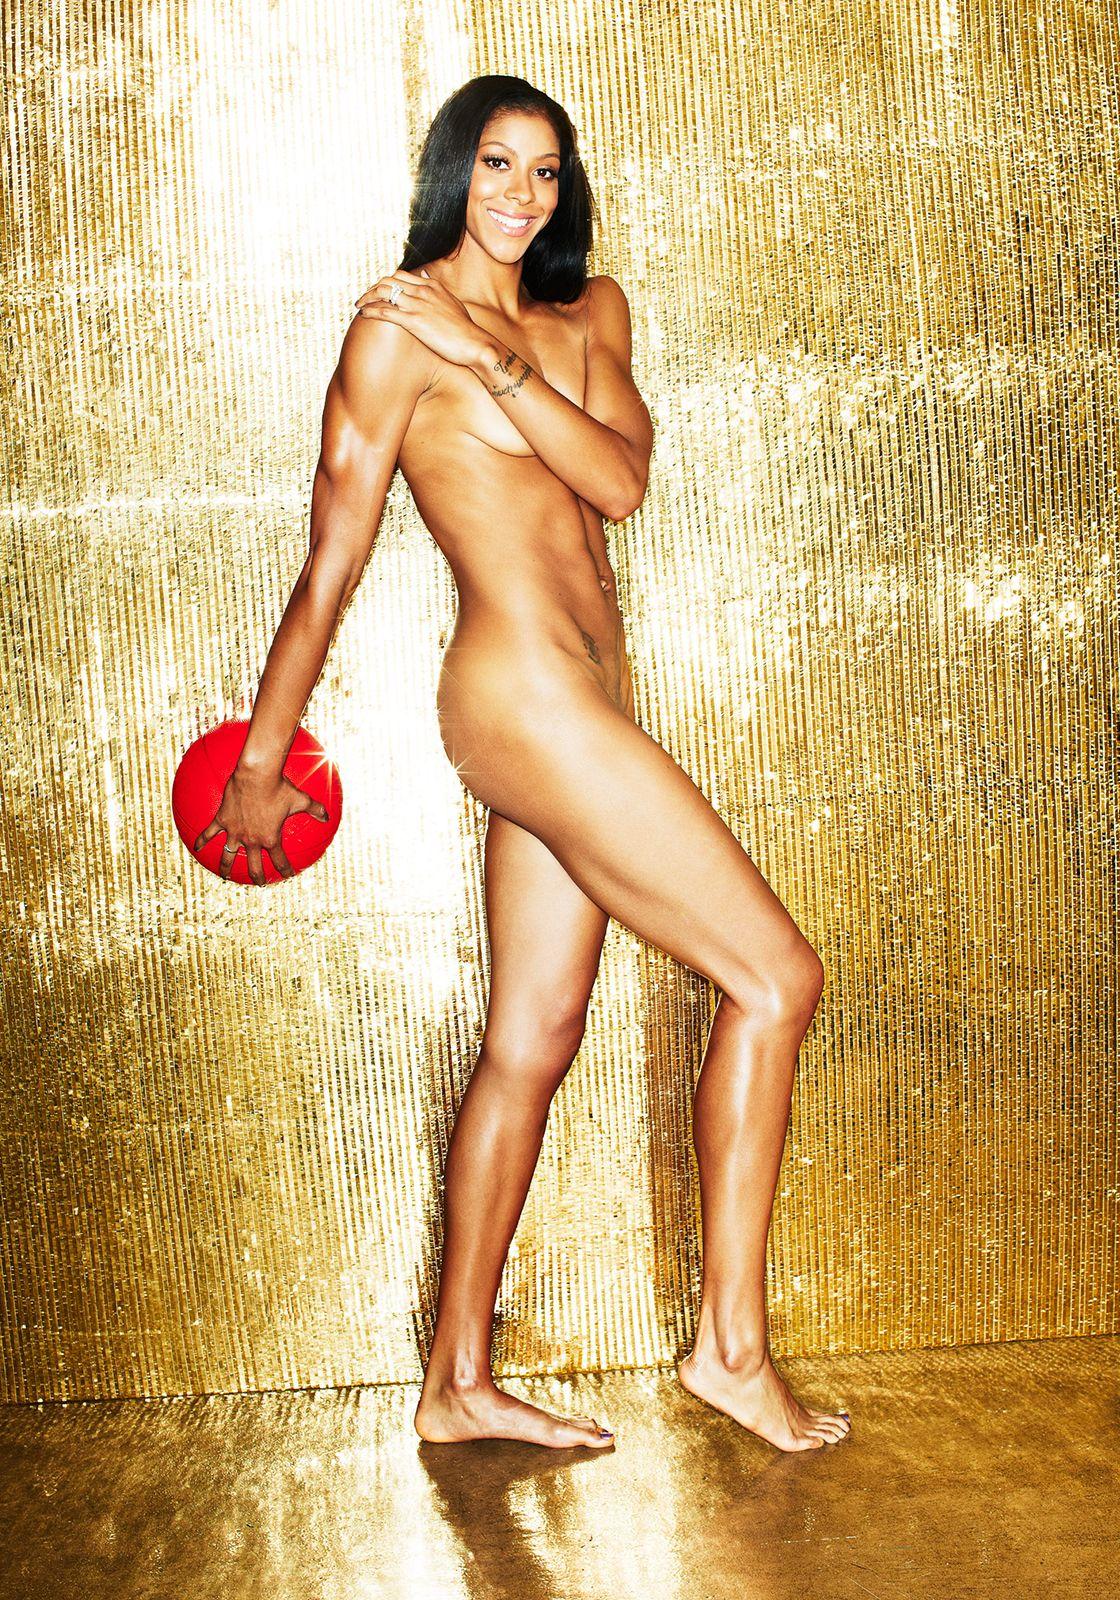 female-athletes-nude-videos